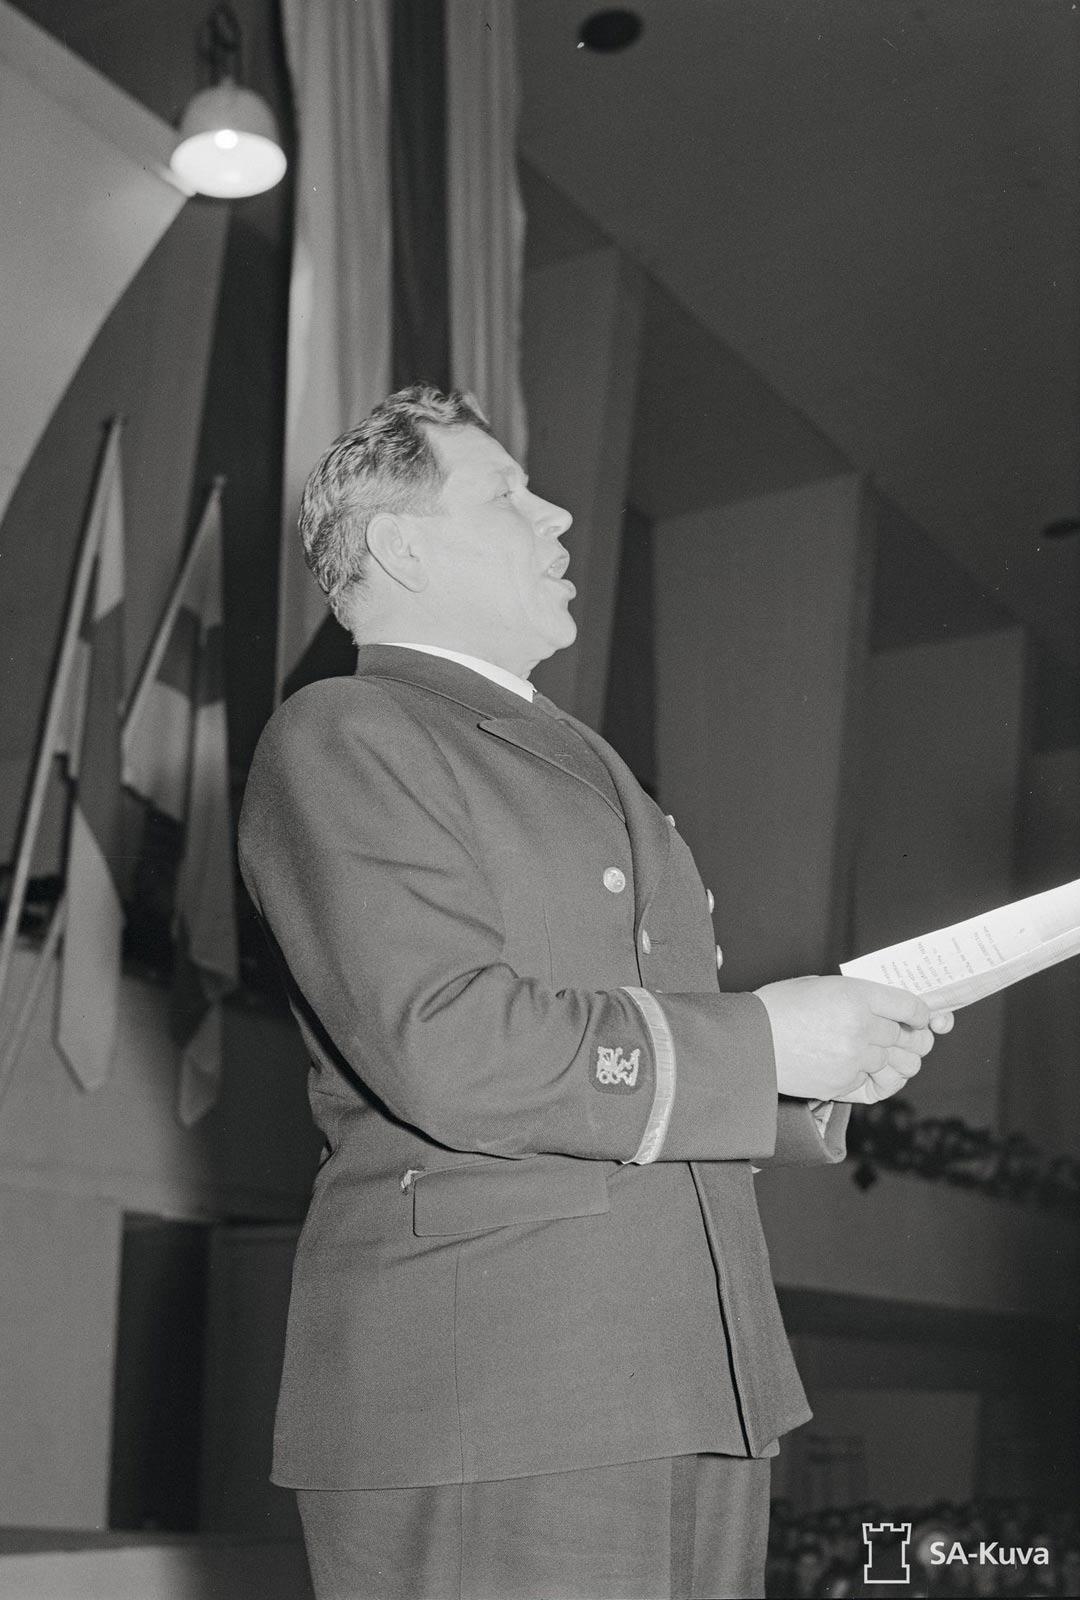 Keväällä 1942 laulu levytettiin suomeksi. Ei tiedetä, tykkäsikö Marski enemmän alkuperäisestä vai Liisa pien -versiosta.